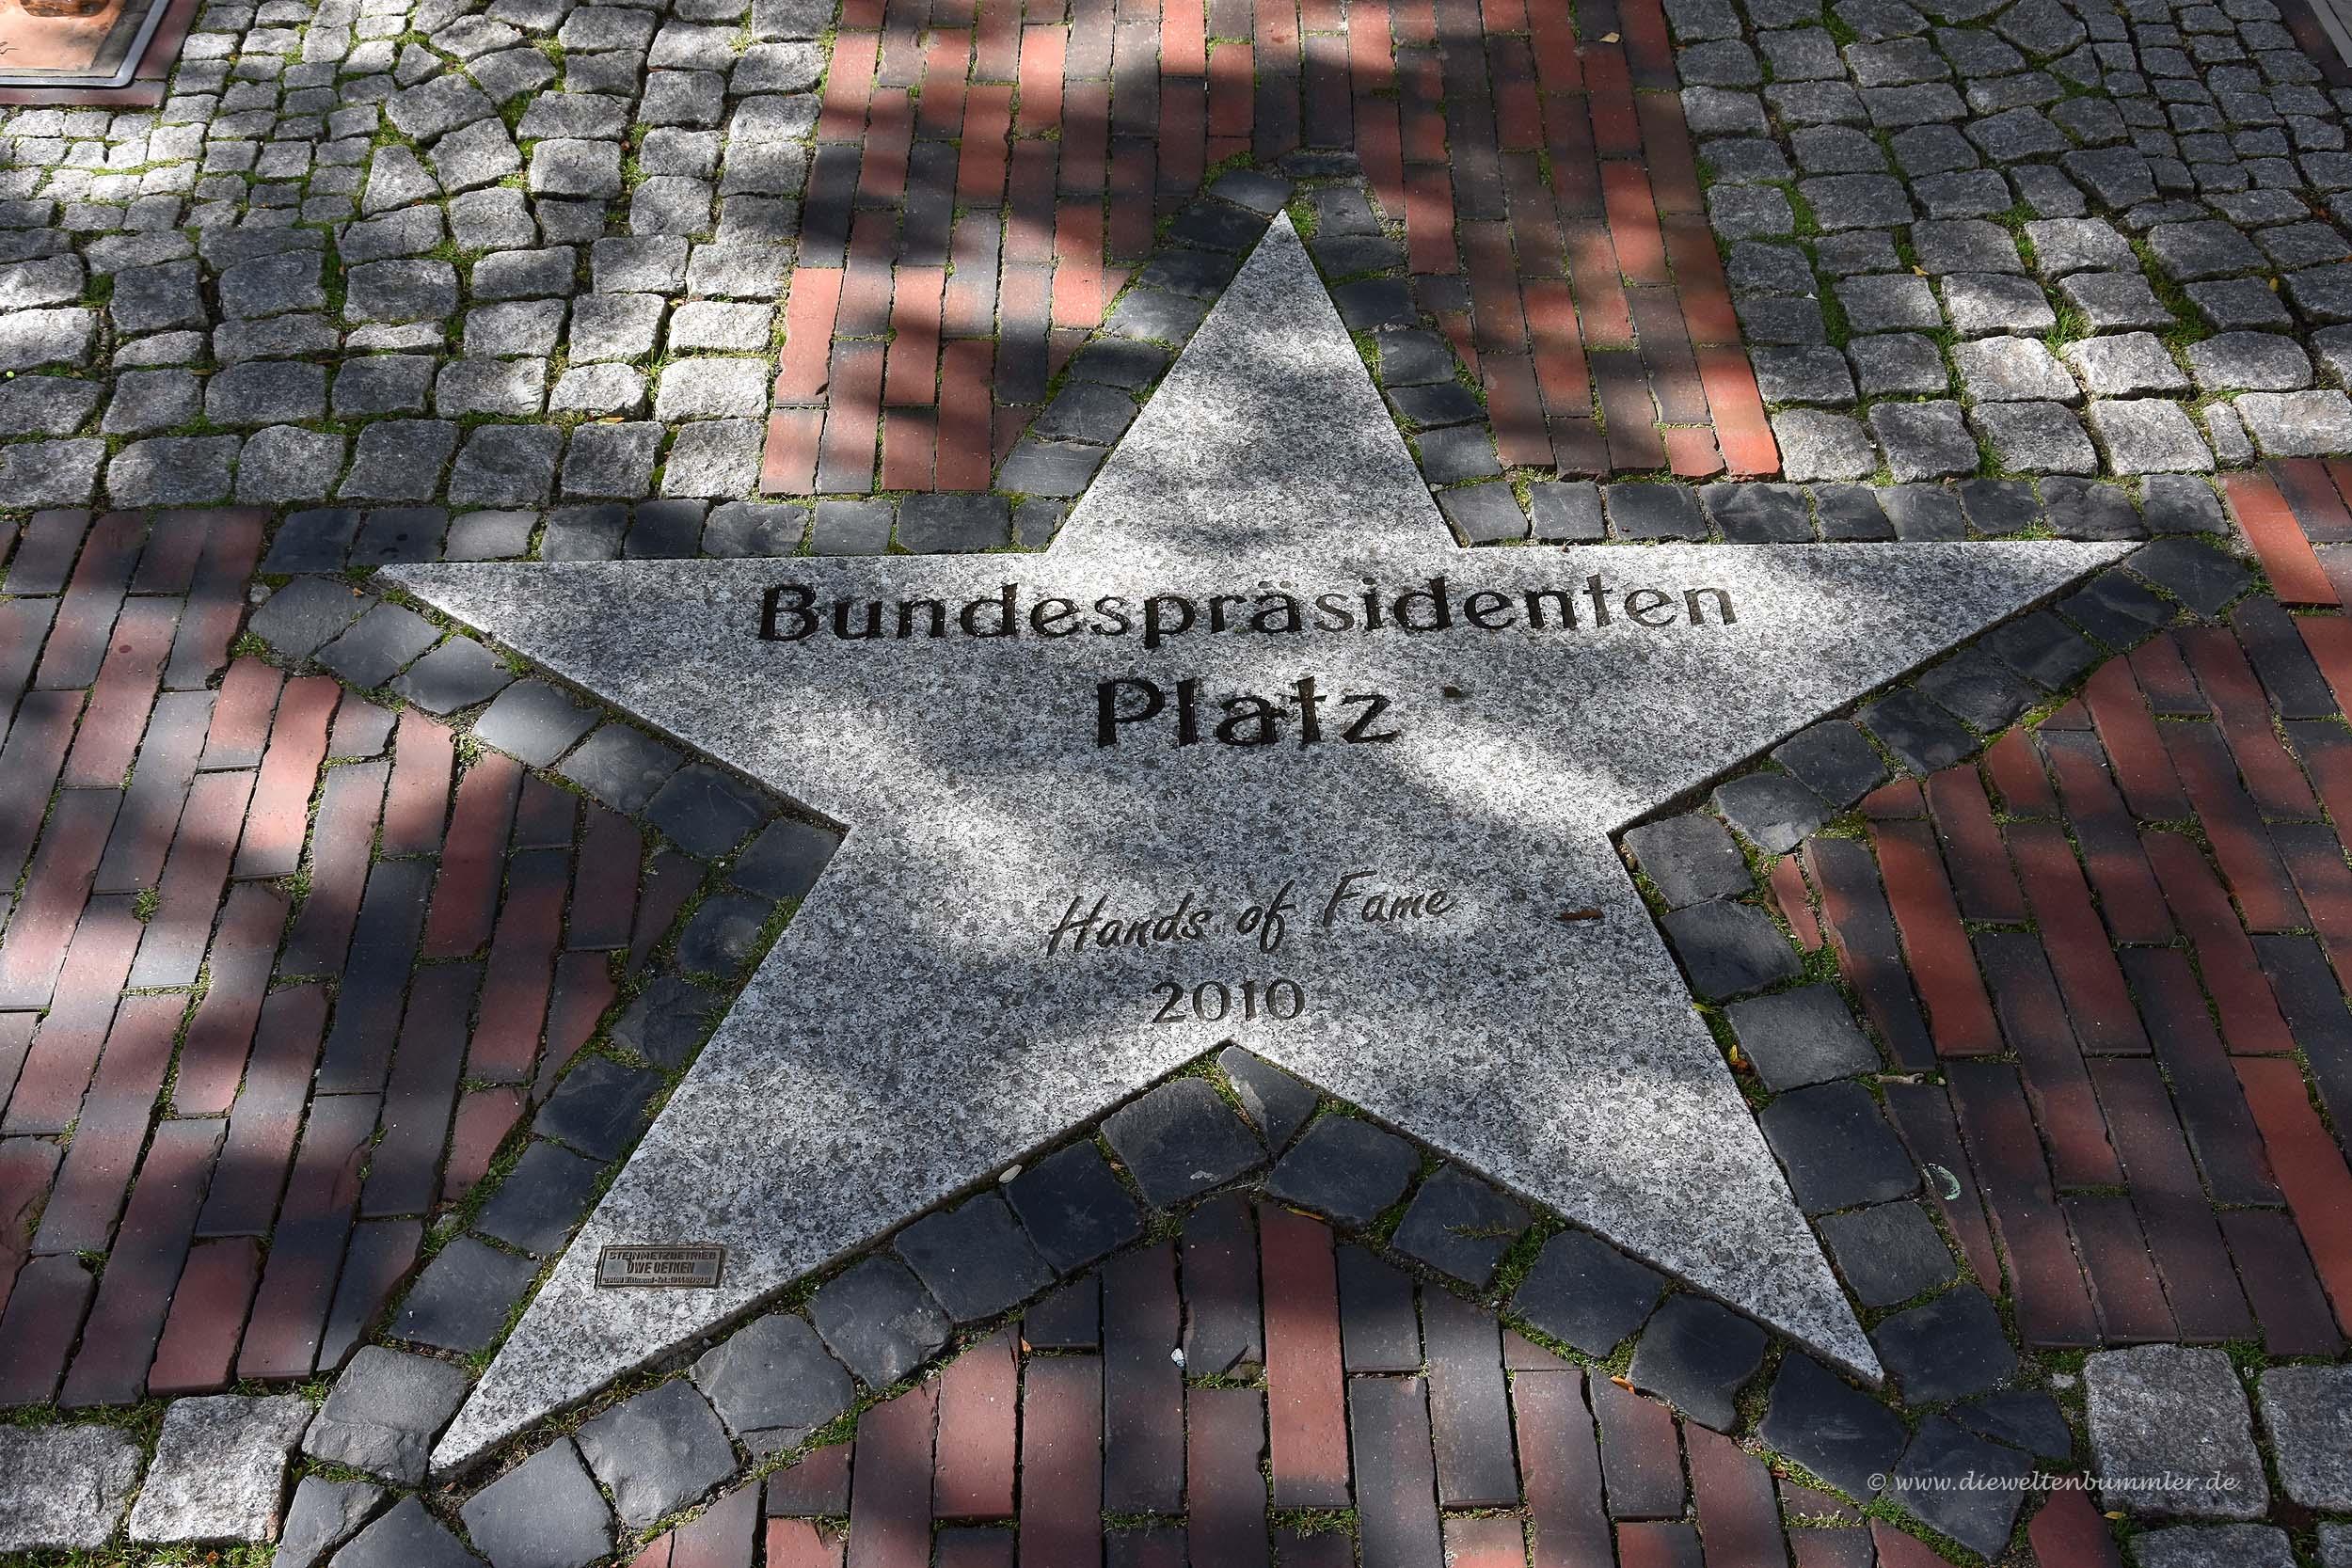 Bundespräsidentenplatz in Wittmund